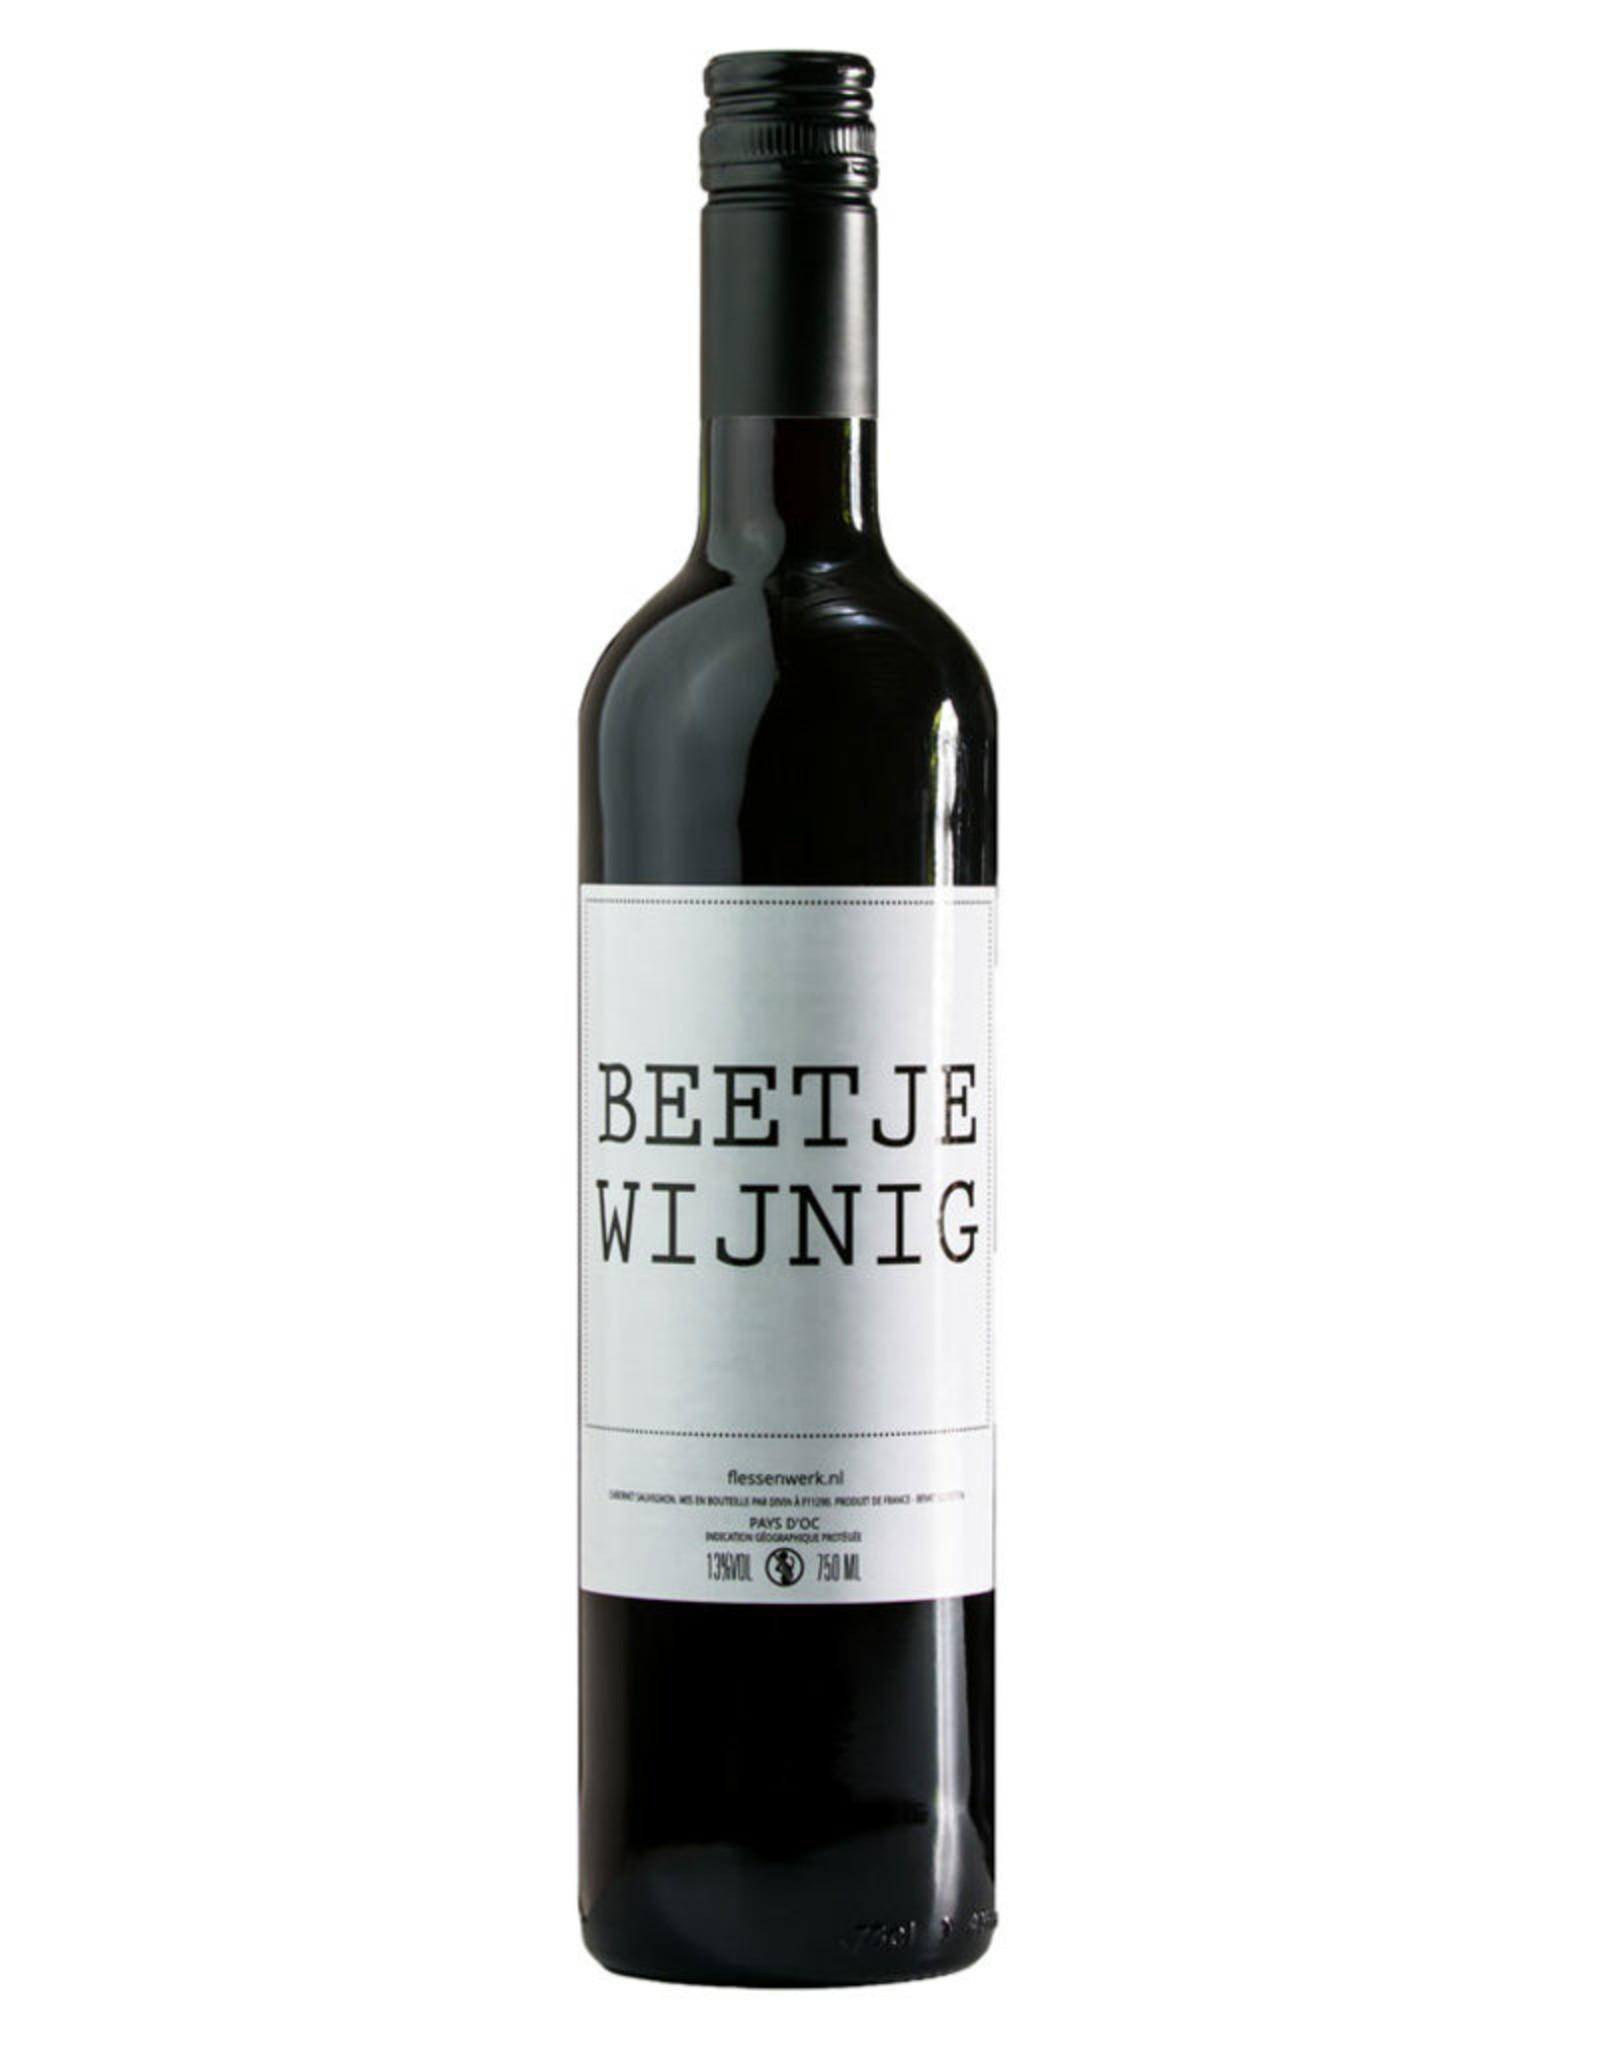 Flessenwerk Beetje wijnig wijn